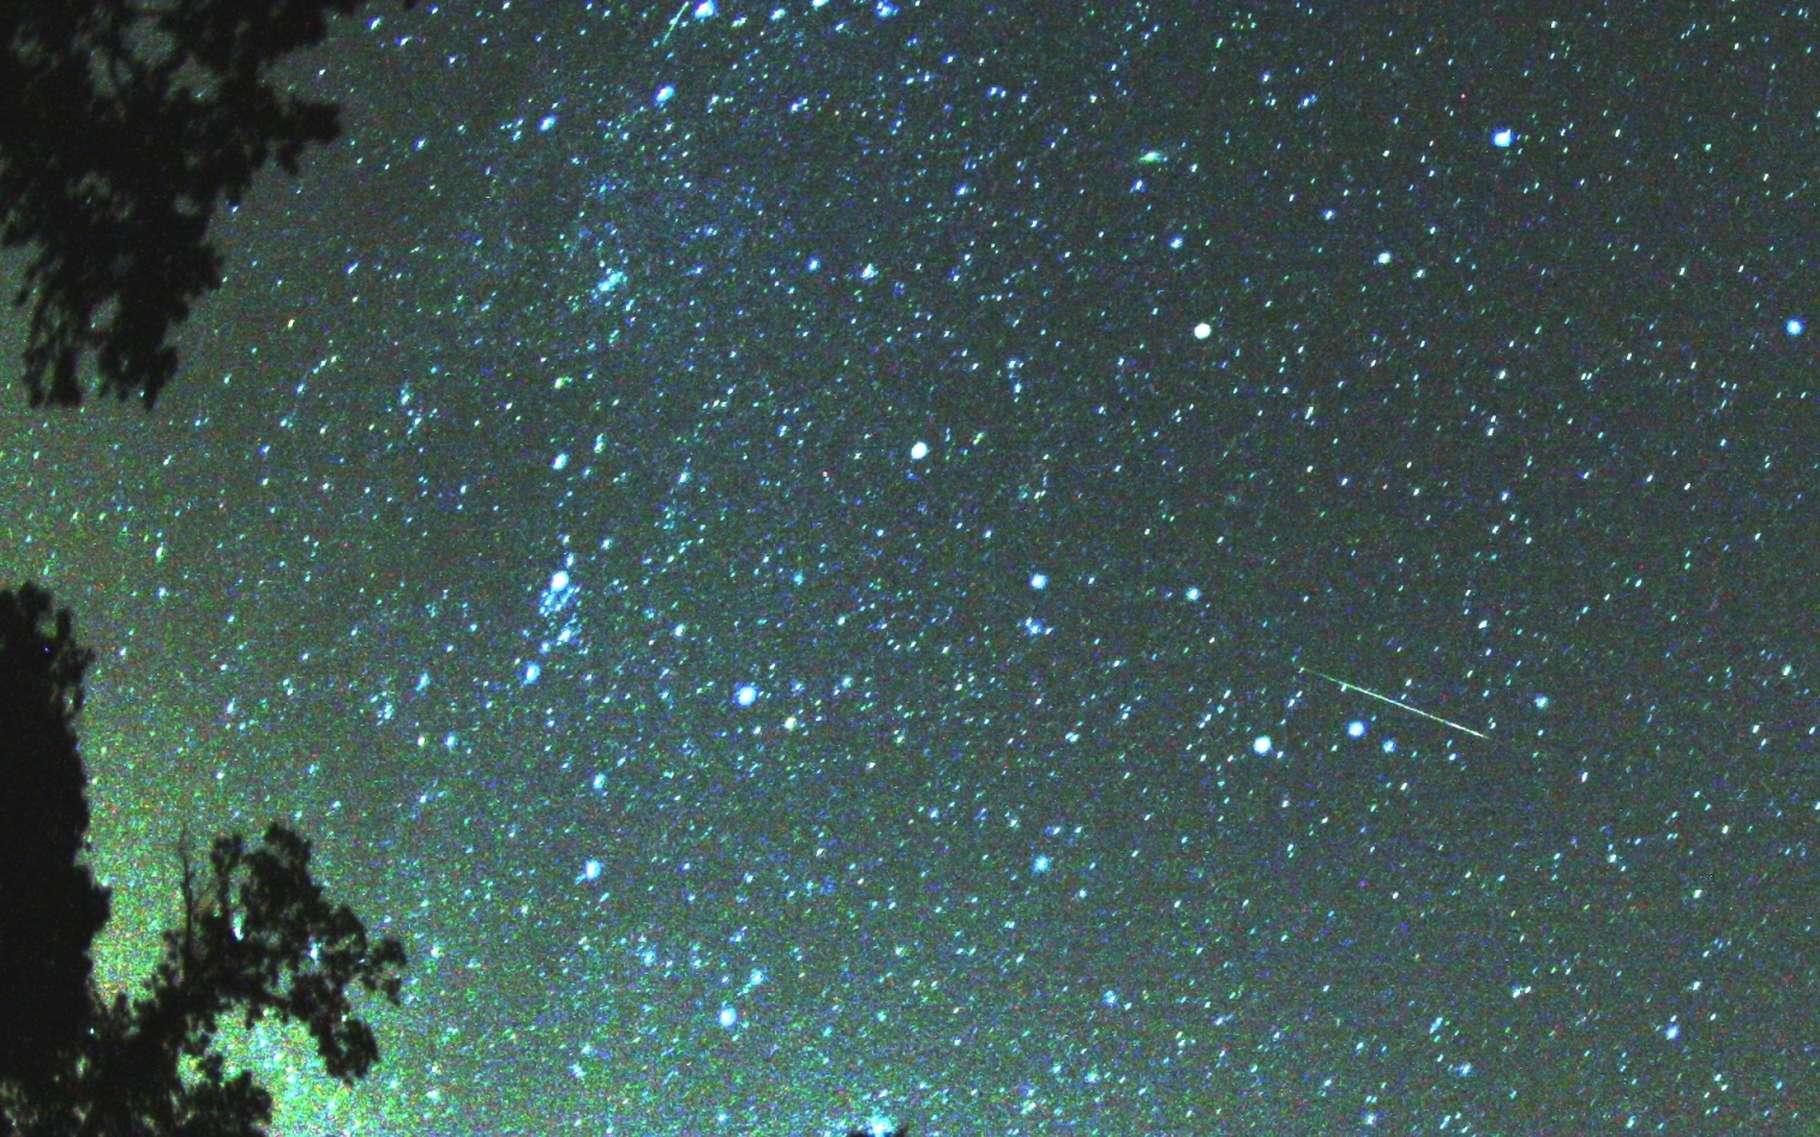 Du 11 au 13 août, entre minuit et trois heures du matin, du côté de la constellation de Persée, vers le nord, une affluence de météores devrait décorer notre ciel. © Brocken Inaglory, CC BY-SA 3.0